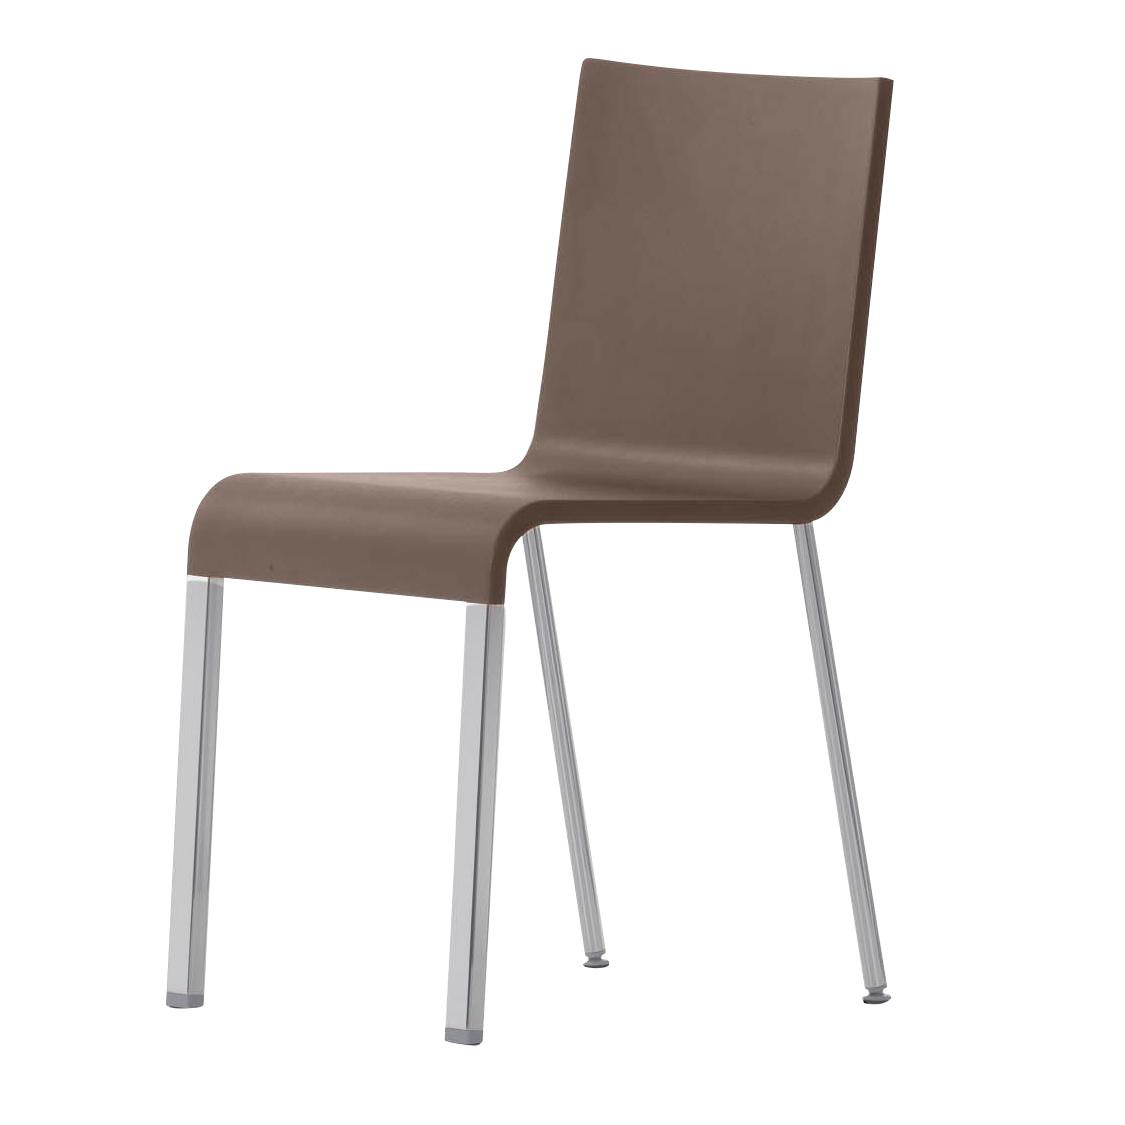 03 chaise de jardin non empilable vitra